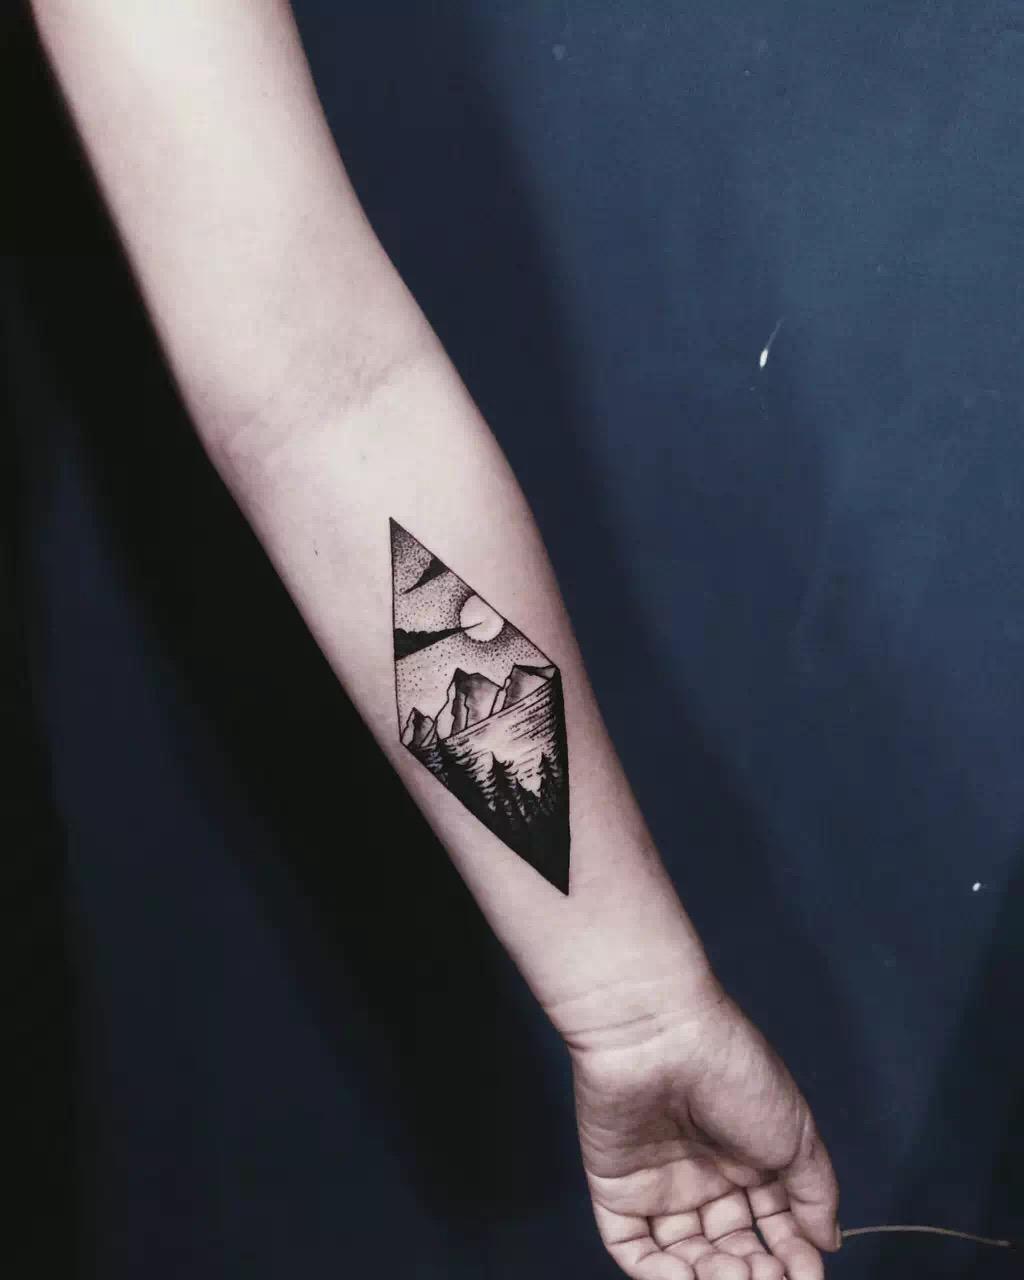 網紅主播小邱手臂上的菱形暮色風景紋身圖案